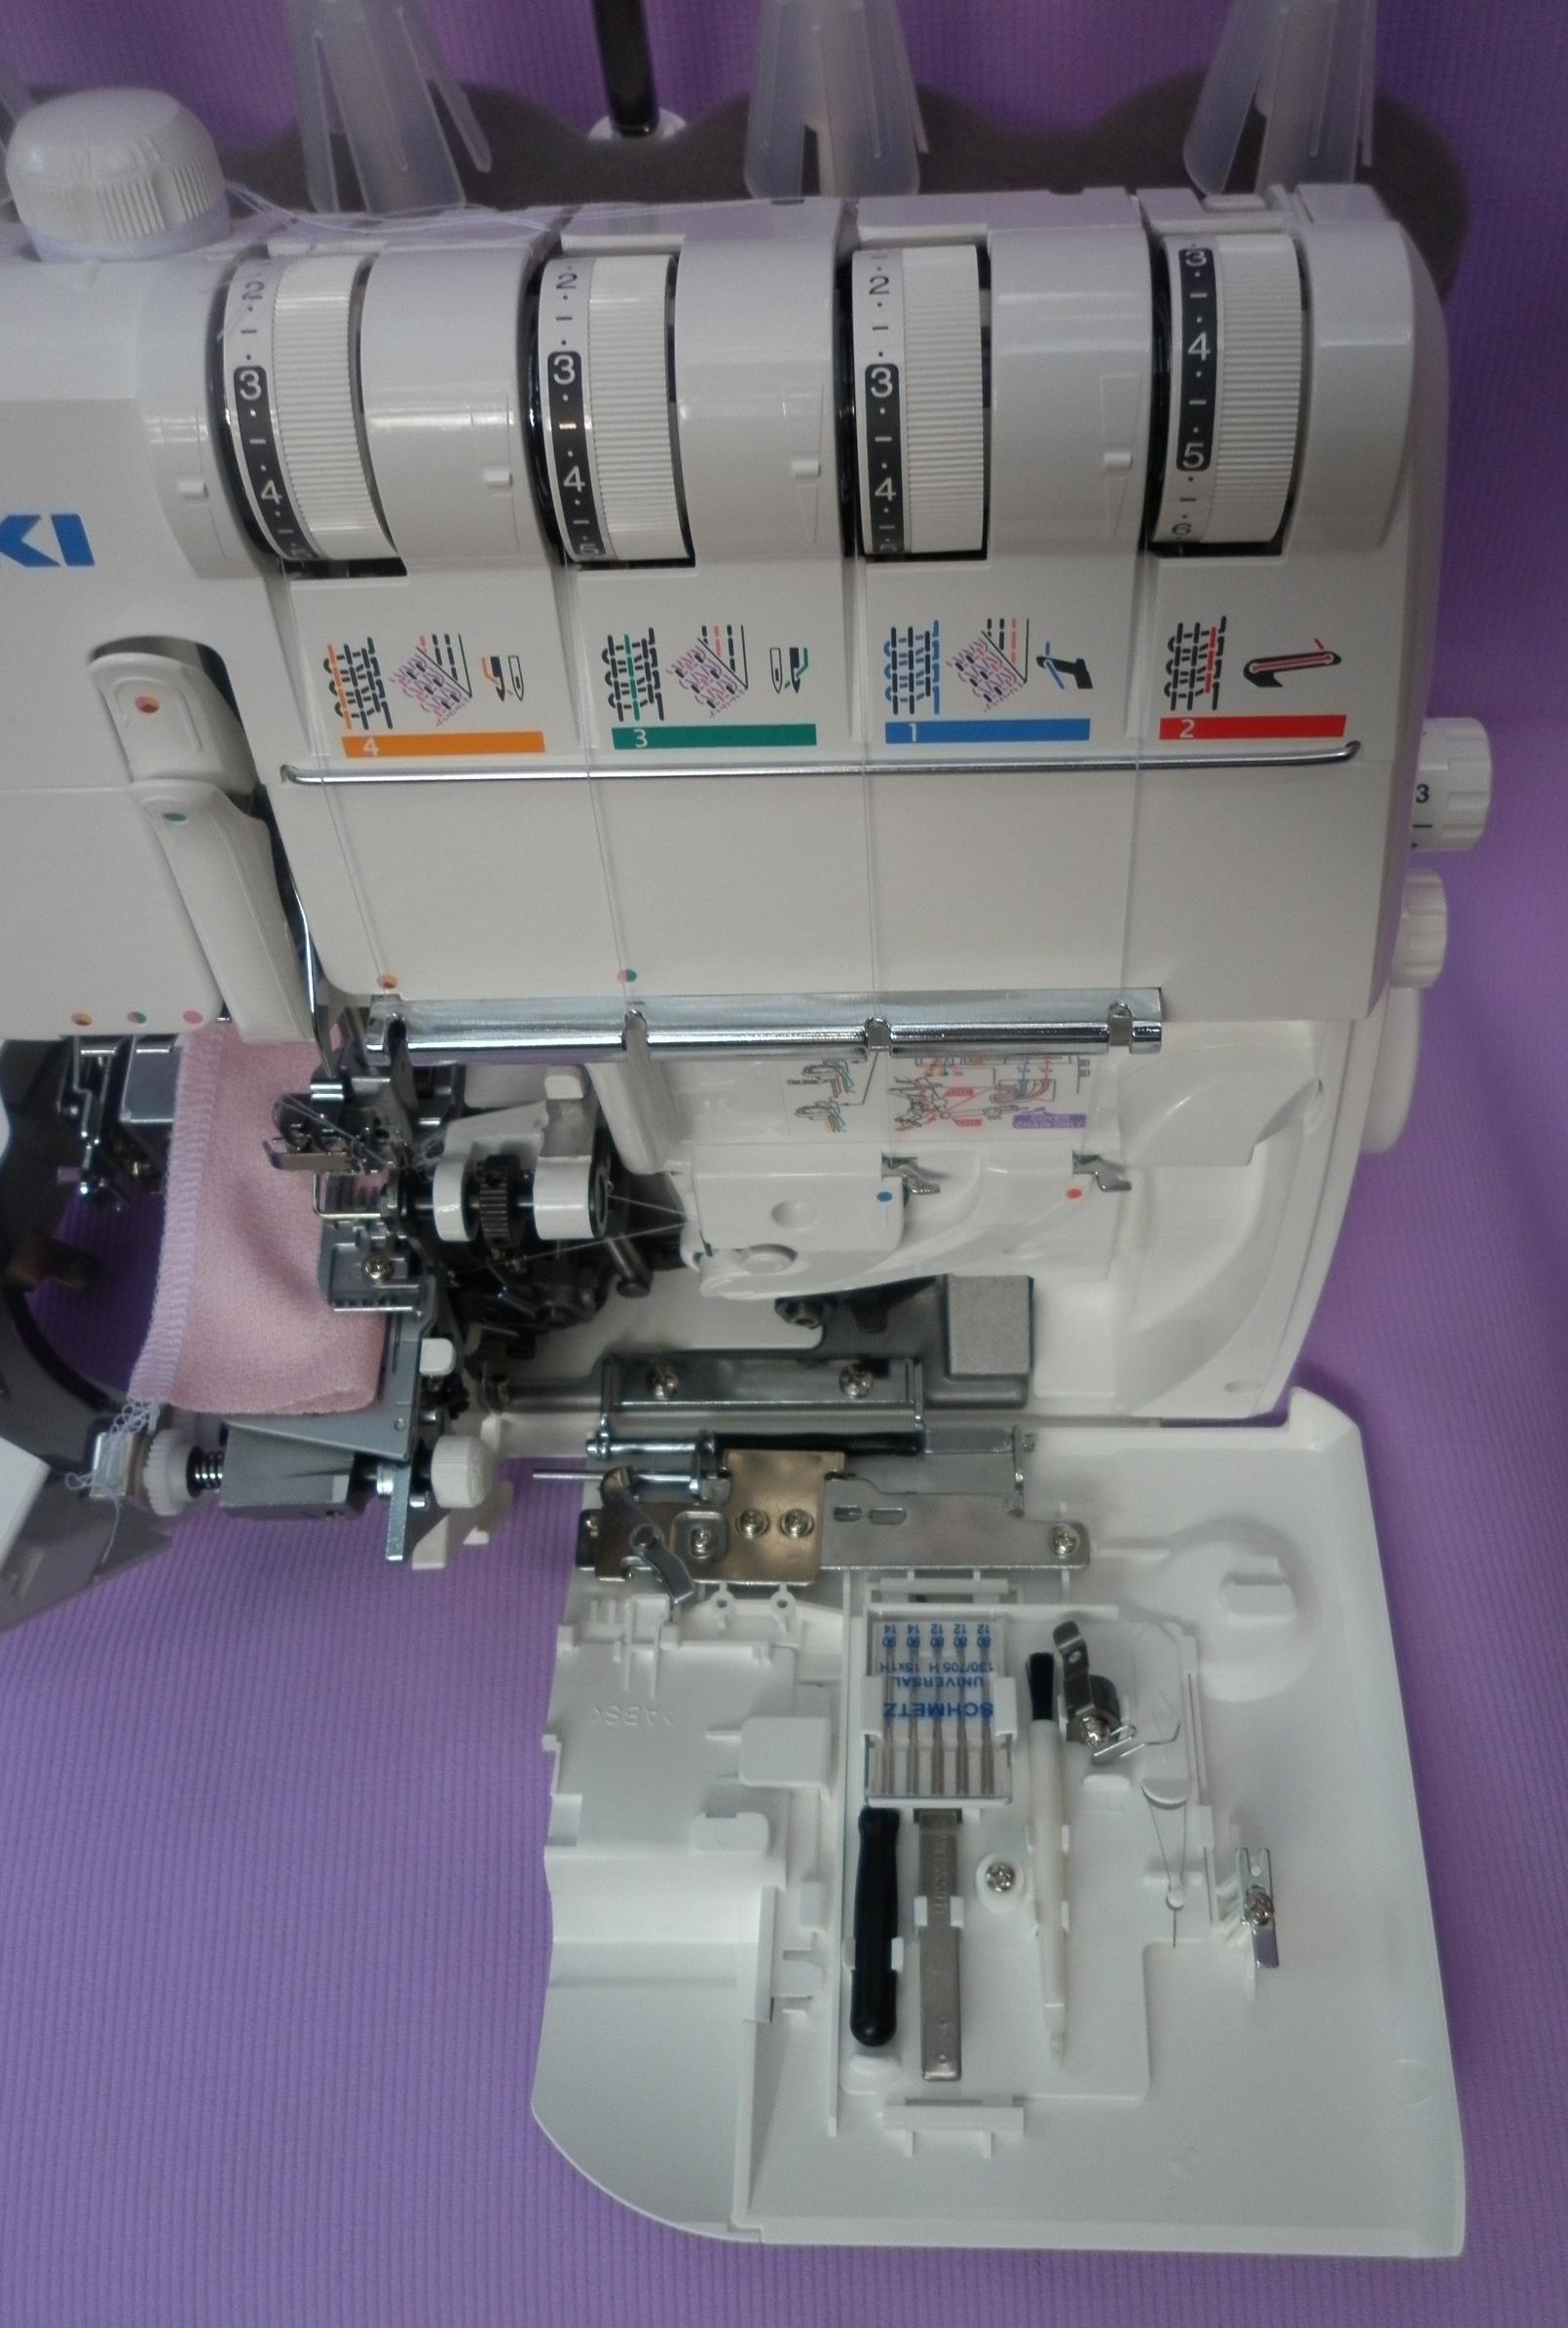 Коверлок JUKI MO 735 ( оверлок - плоскошовная швейная машина ), где располагаются дополнительные приспособления, лапки, иголки.